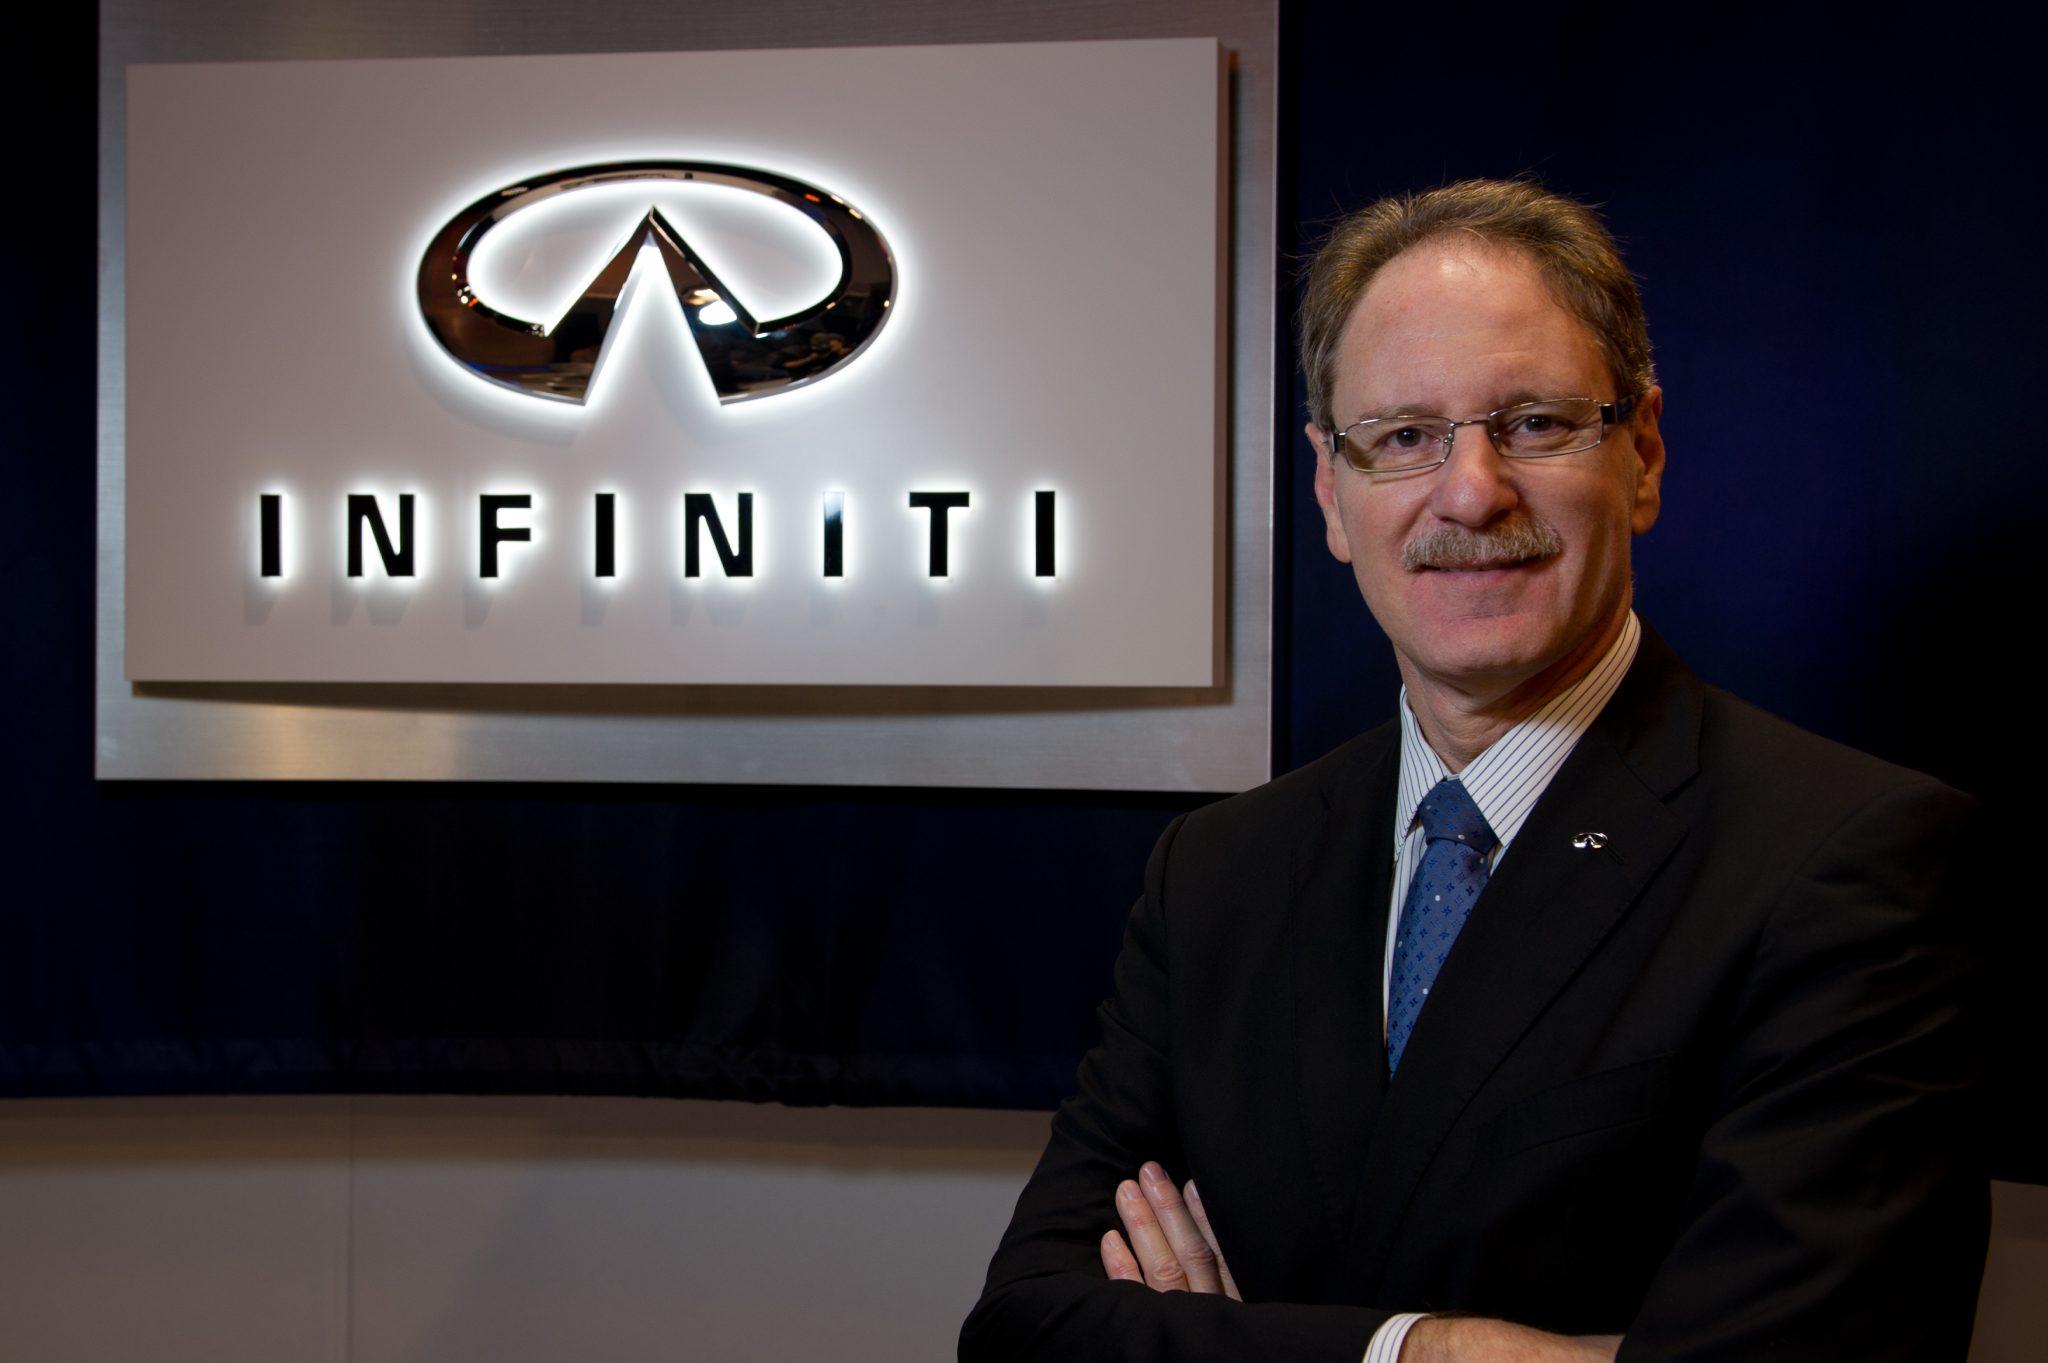 Infiniti CEO Johan de Nysschen Joins Cadillac